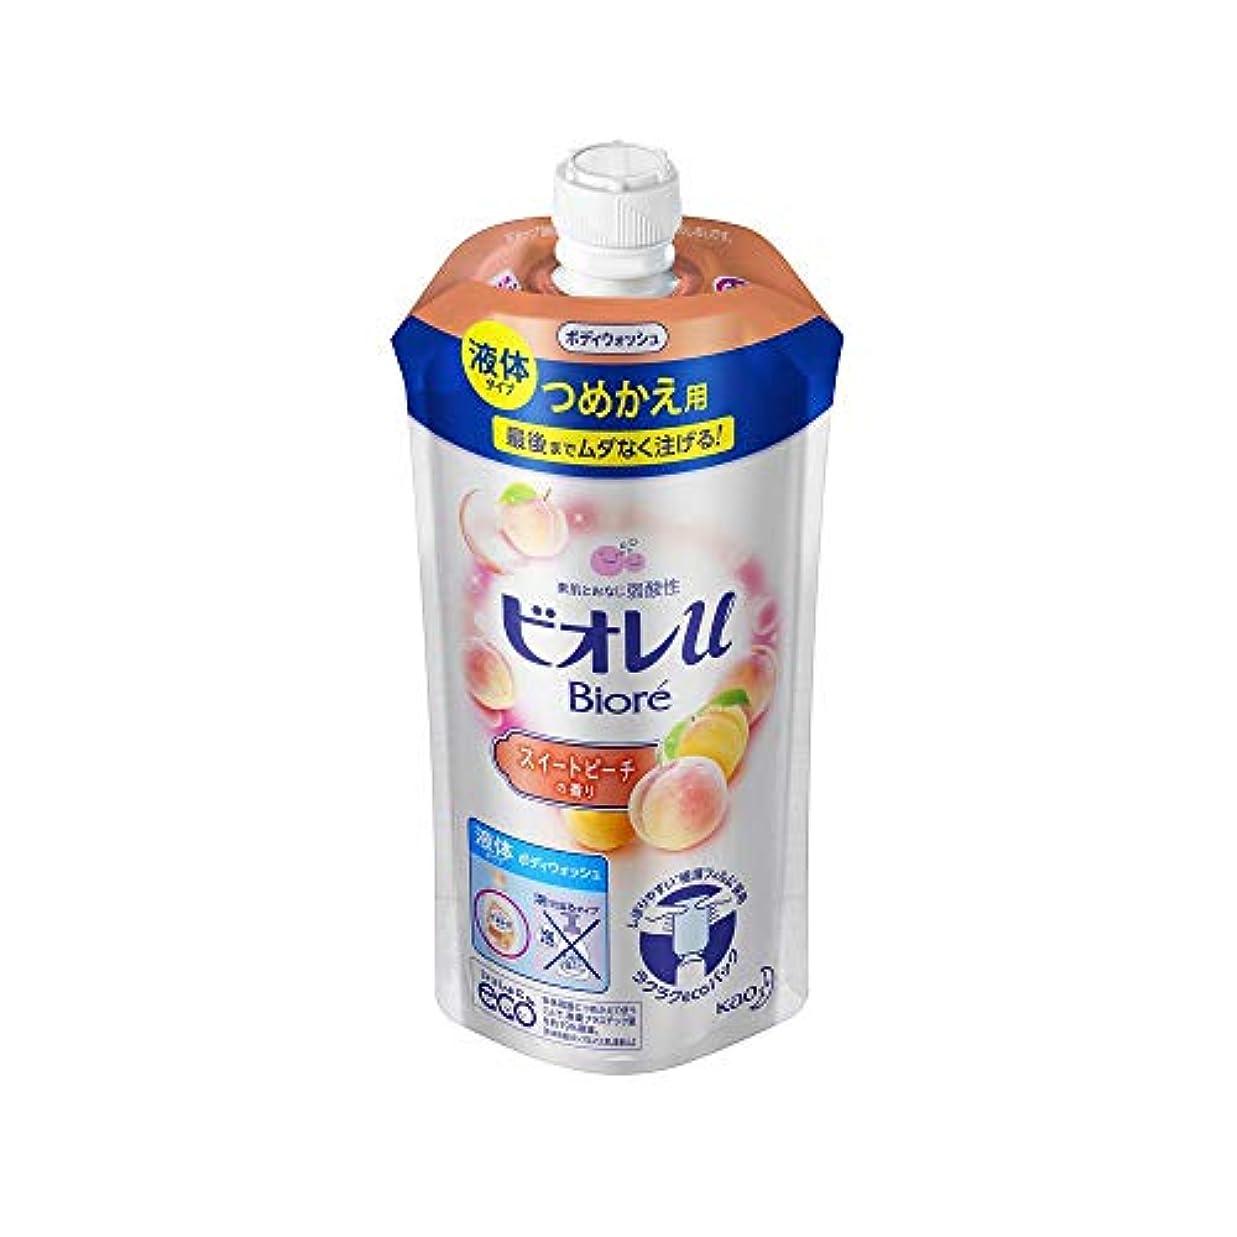 好きアデレードストレンジャー花王 ビオレu スイートピーチの香りつめかえ用 340ML